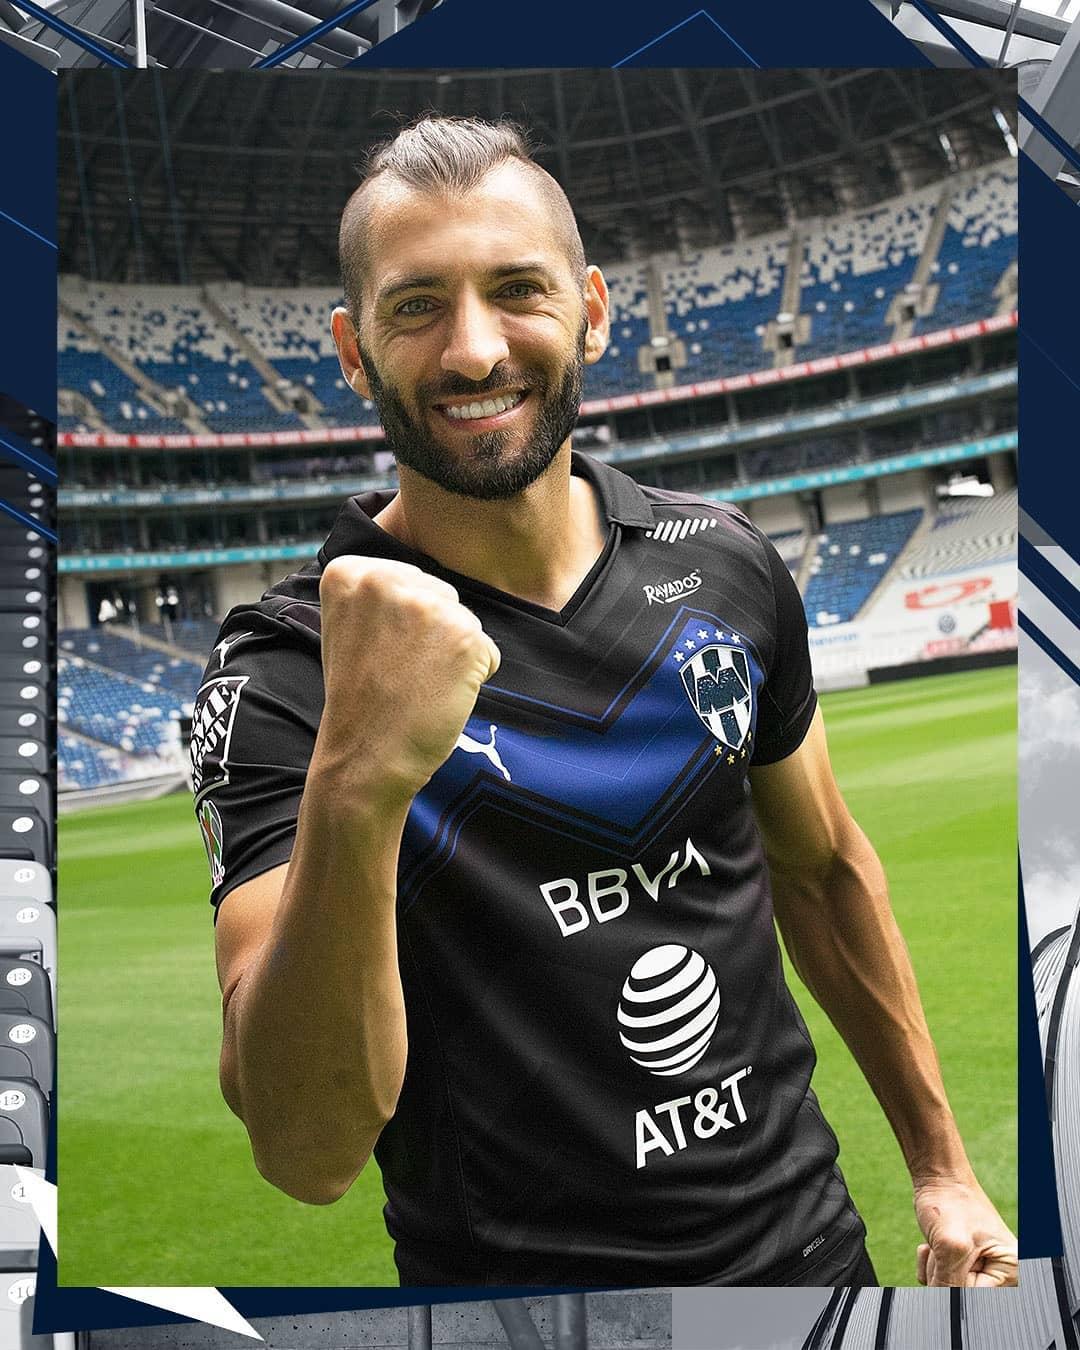 Terceira camisa do Rayados de Monterrey 2021 PUMA